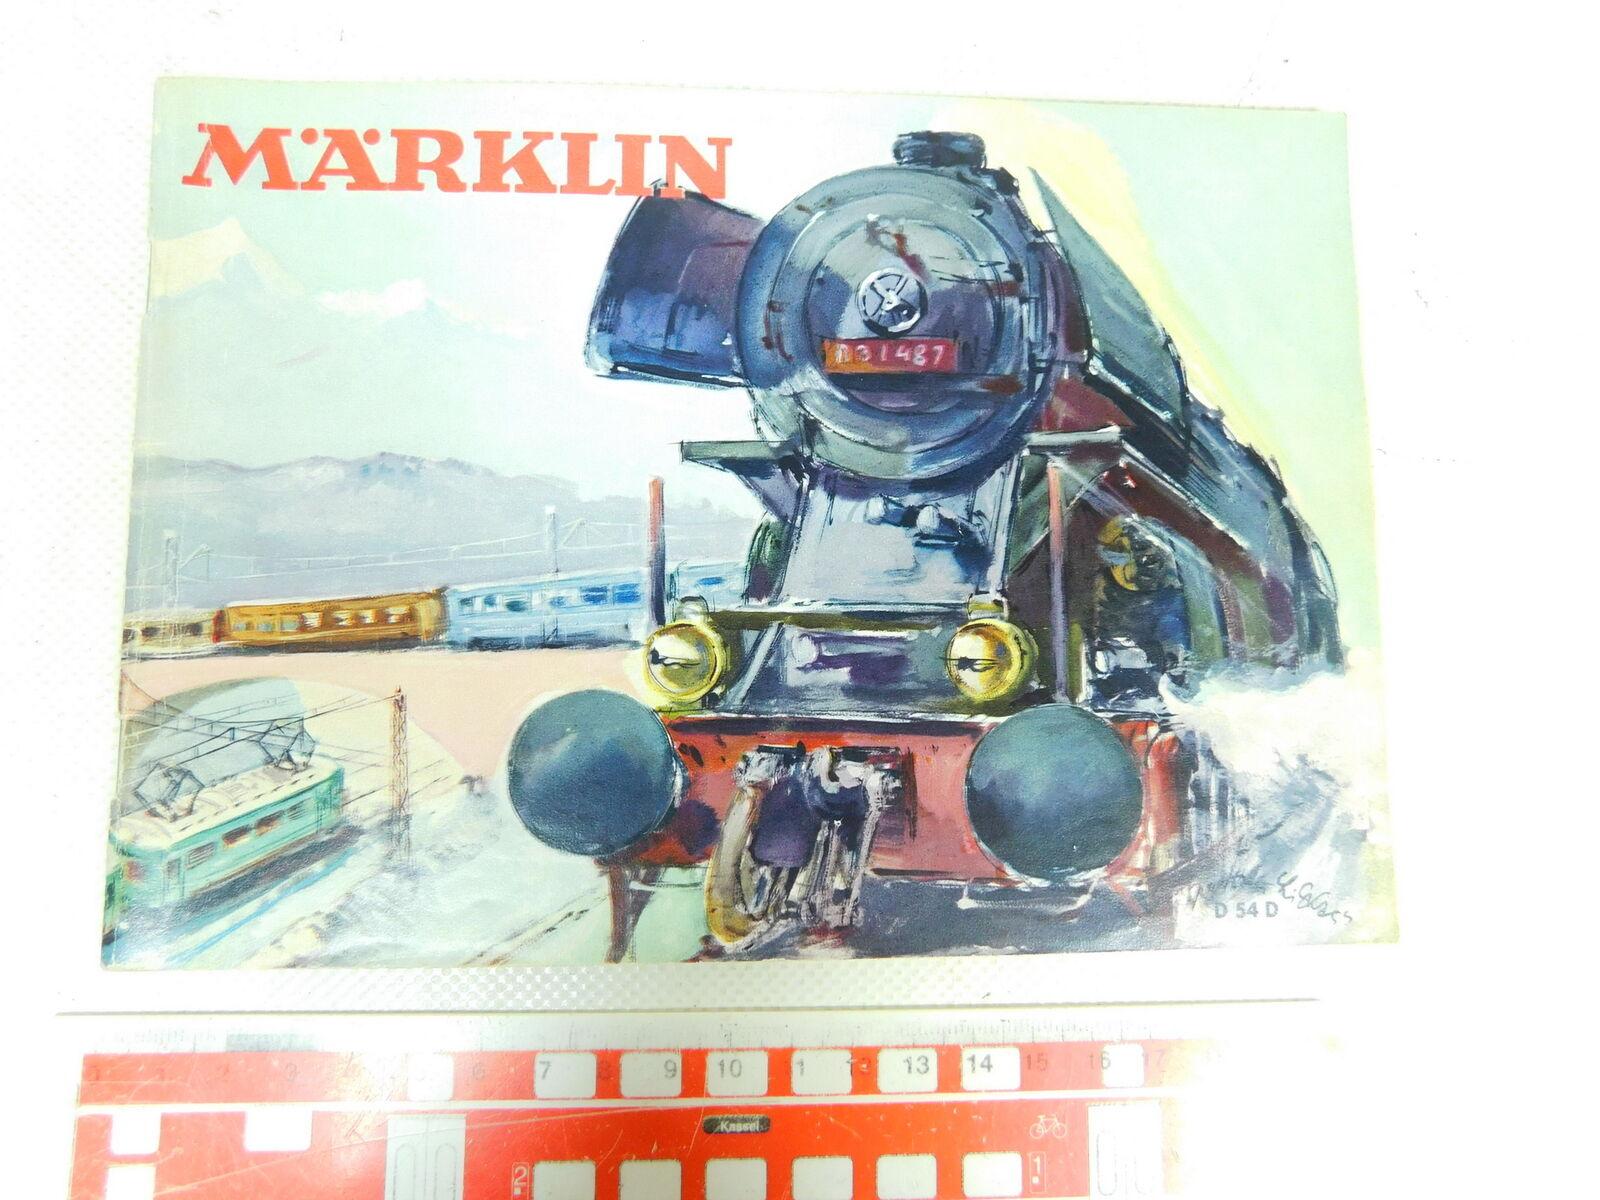 Bt687-0, 5  Märklin Catalogo D 54 d d54d 1954 senza coupon  metallo costruzione modulare etc